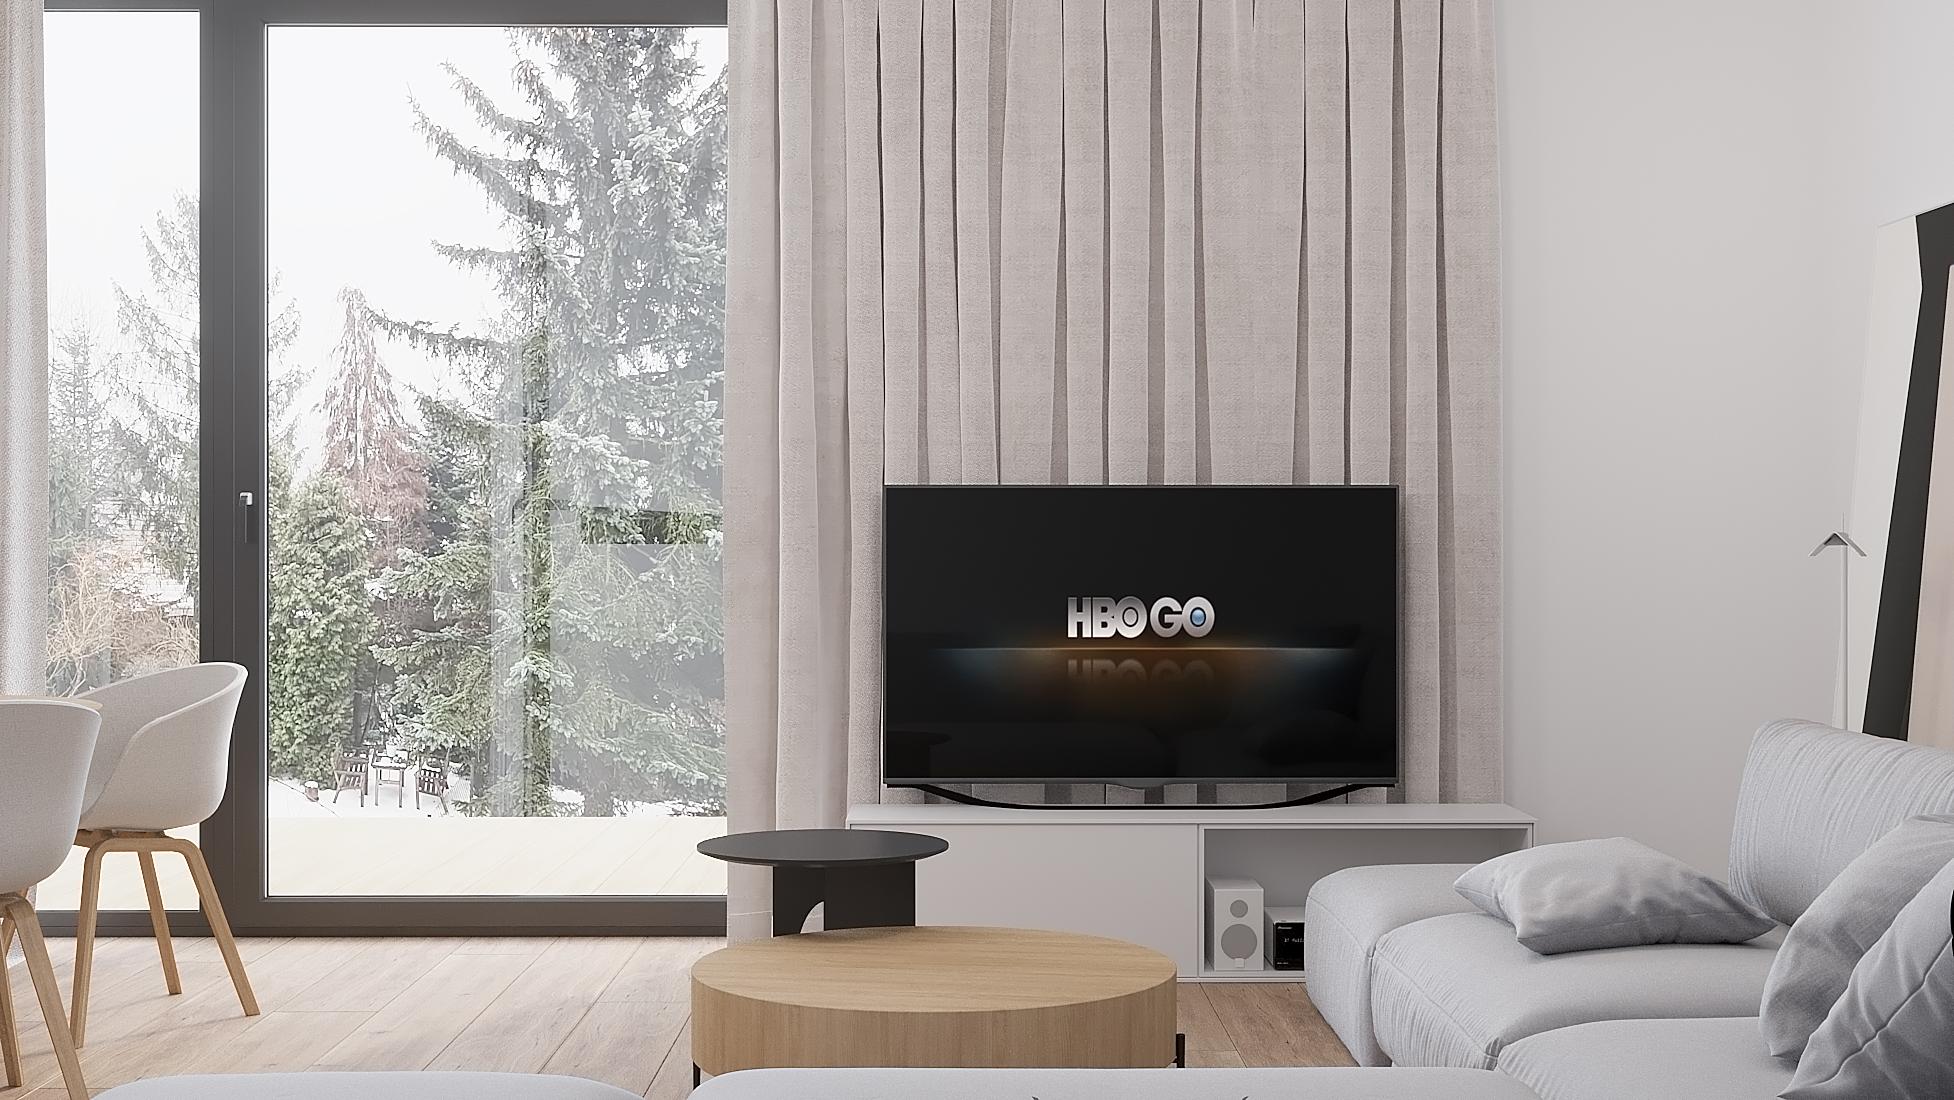 7 projekty wnetrz D495 dom Krakow salon duze okno przesuwne drewniana podloga teleziwor na scienie okiennej